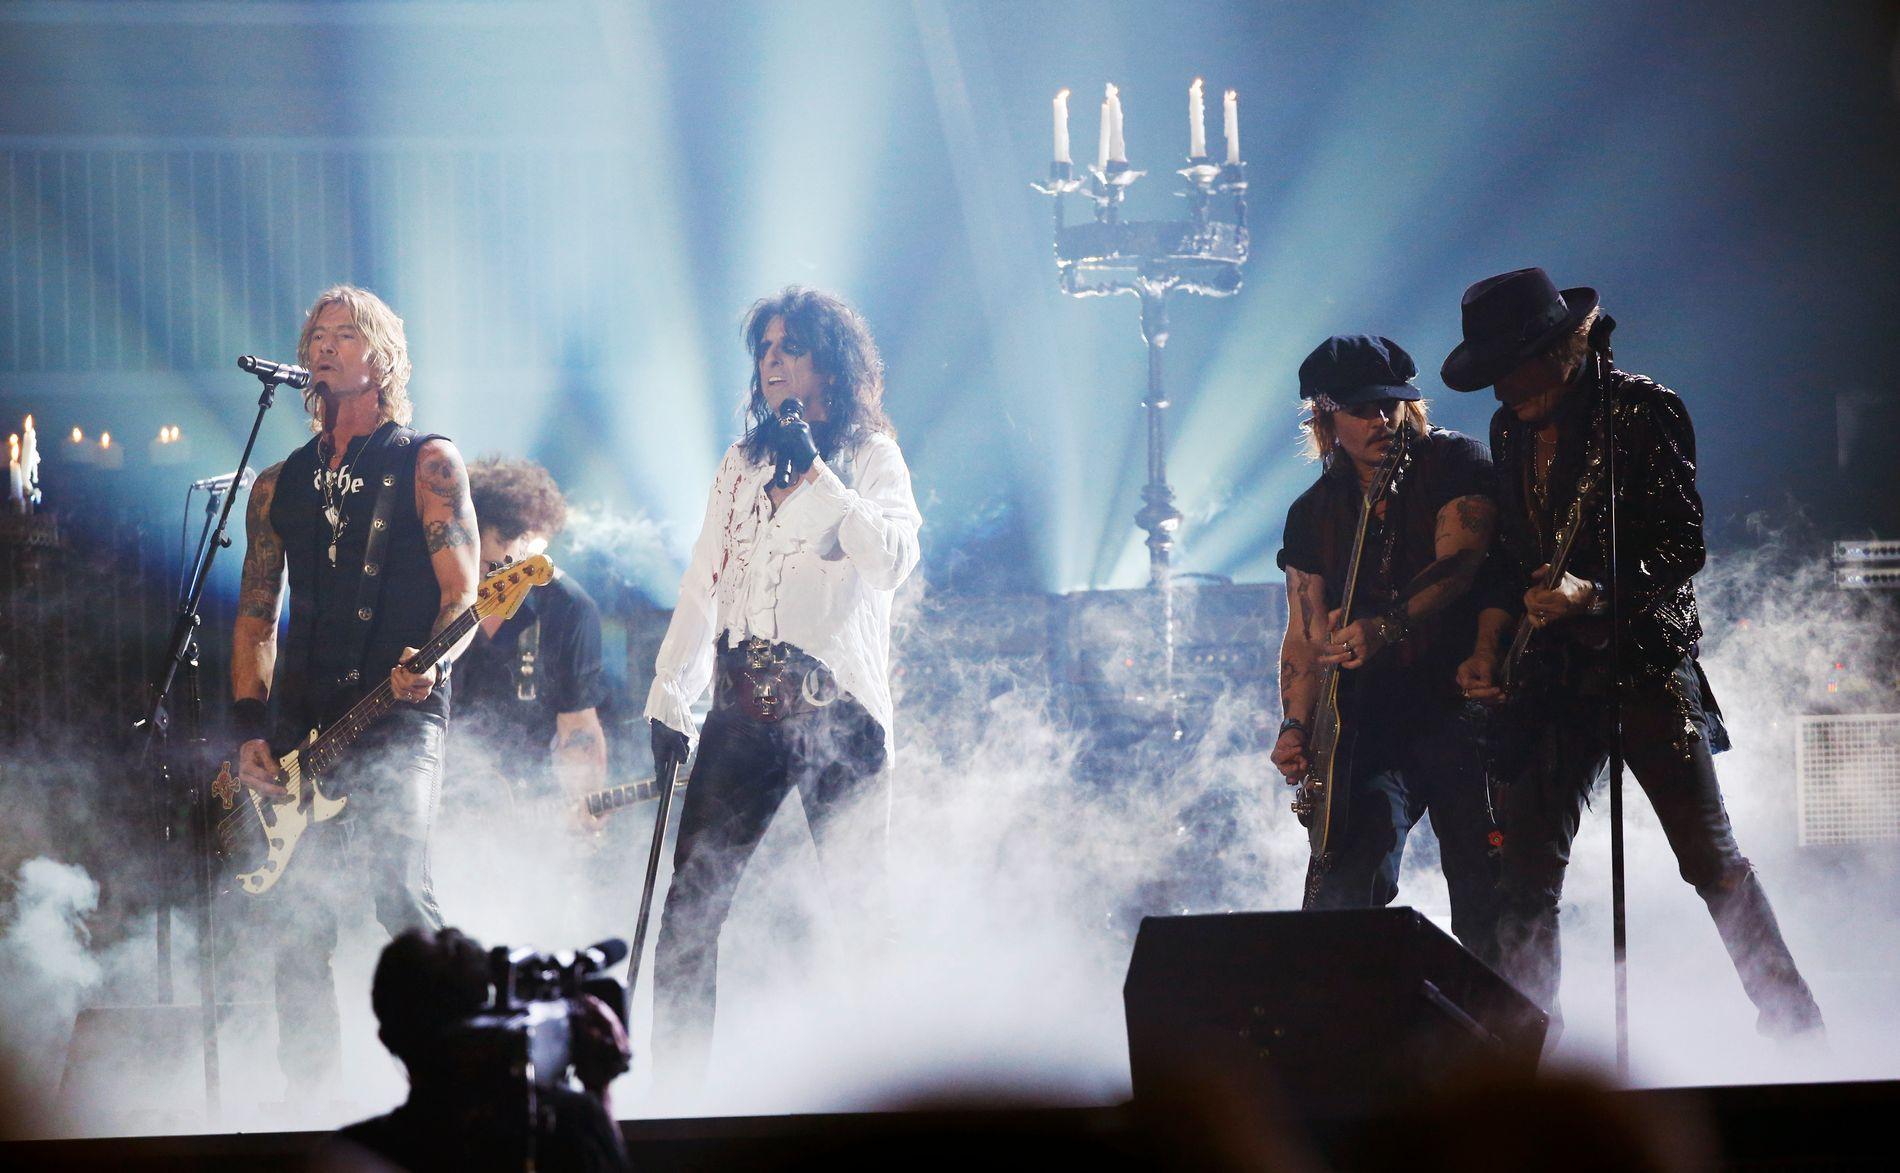 GUTTA PÅ TUR: Duff McKagan, Alice Cooper, Johnny Depp and Joe Perry (fra venstre mot høyre) i gruppen «Hollywood Vampires» kommer til Danmark og Sverige på turne i sommer, men ikke til Norge.